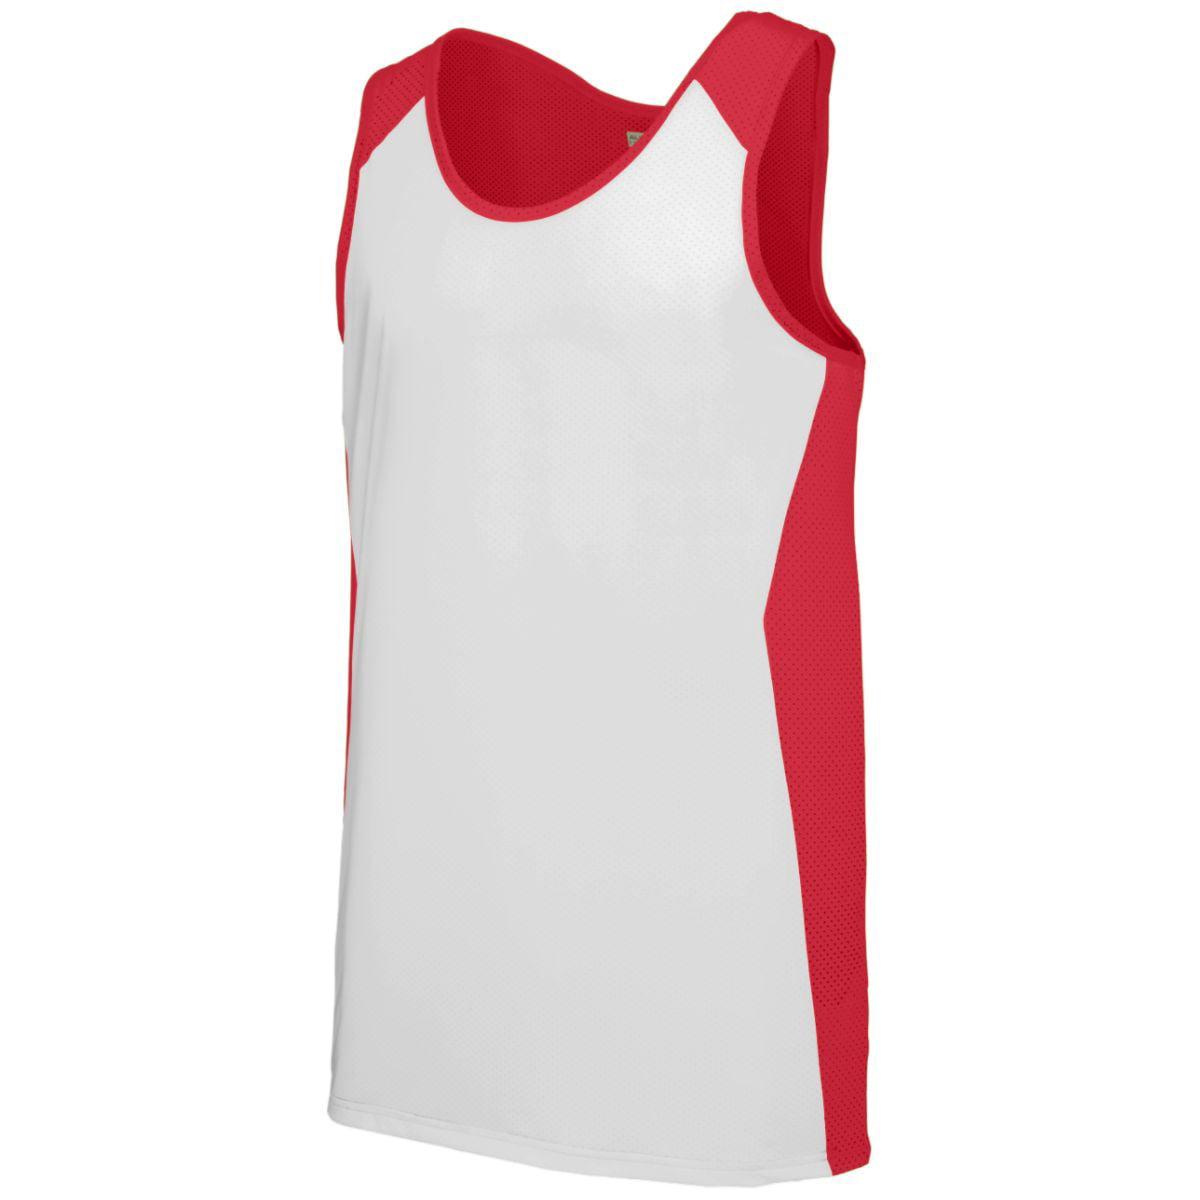 Augusta Sportswear Men's Alize Jersey 2Xl Red/White - image 1 de 1